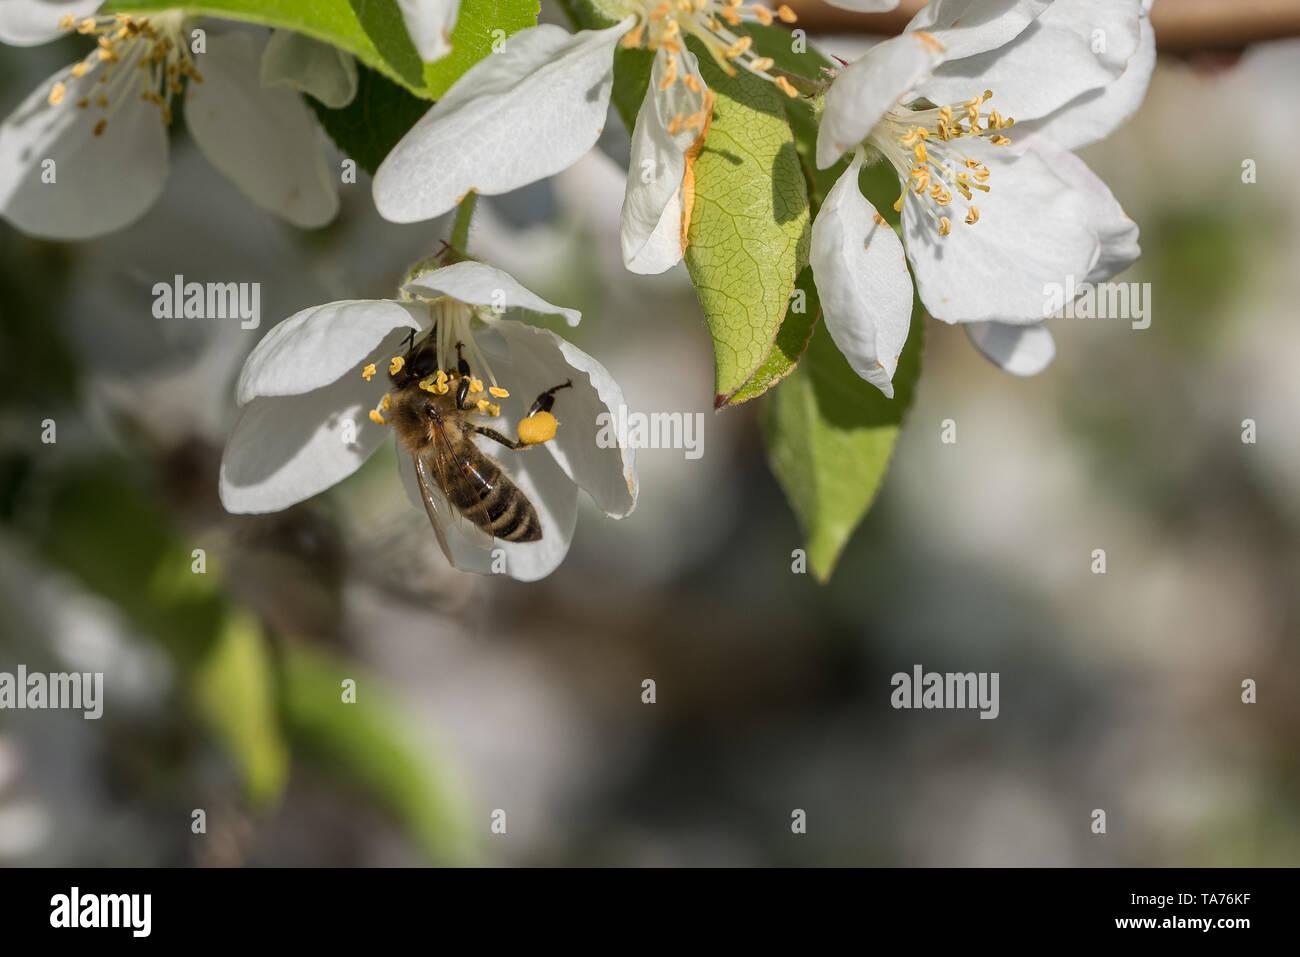 Honeybee is feeding on white flower in spring morning. - Stock Image